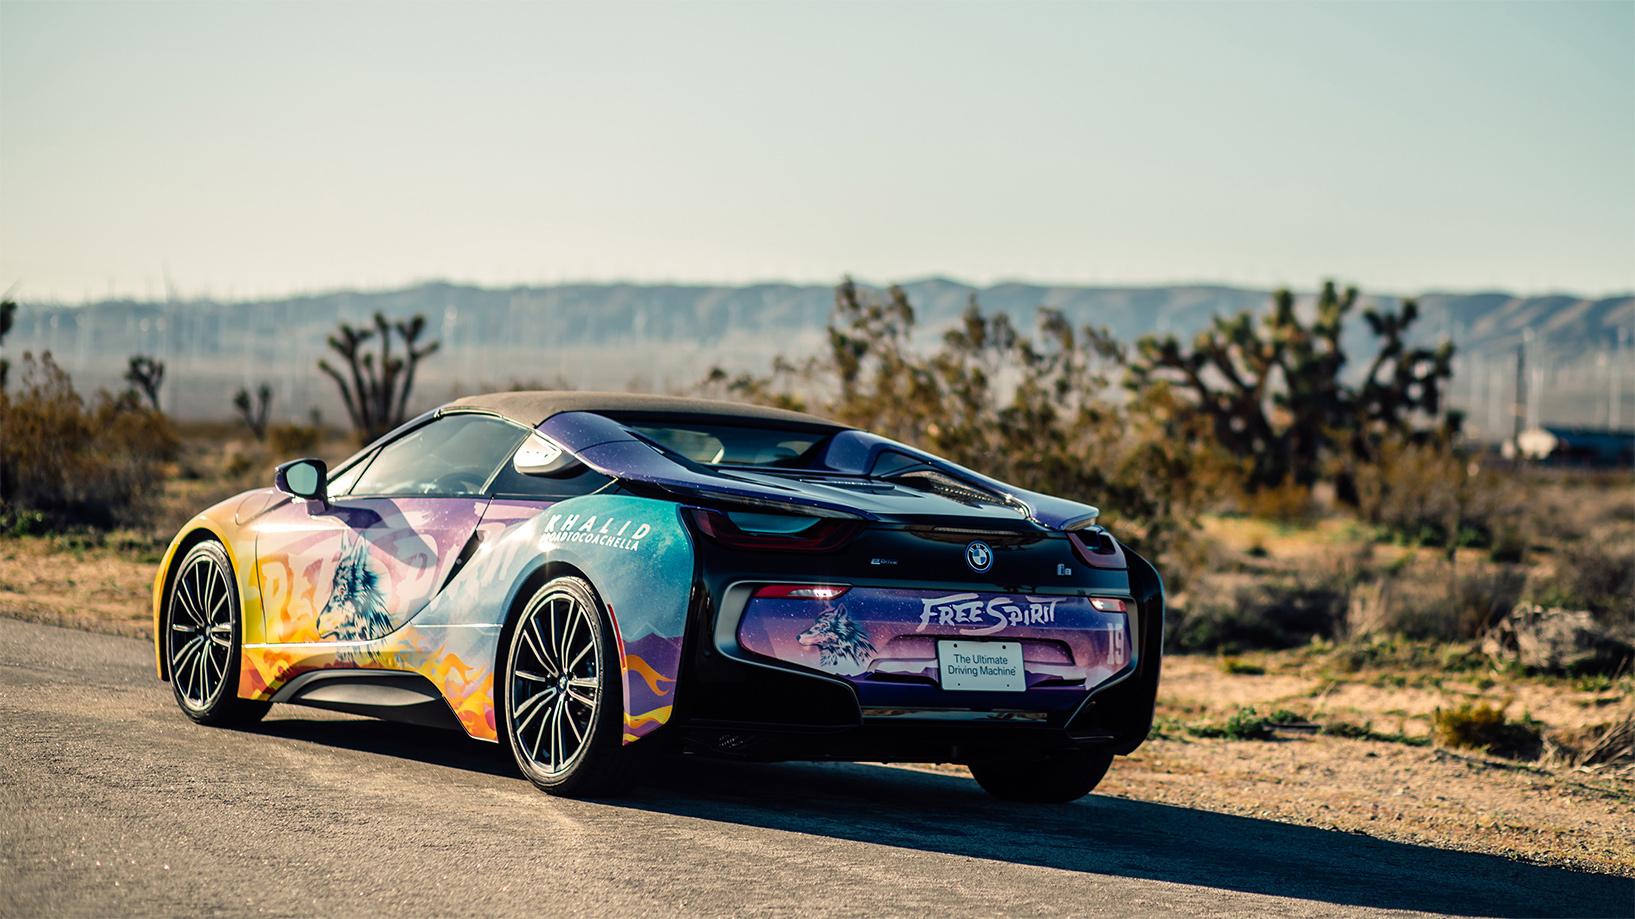 TrackWorthy - BMW i8 Coachella (6)